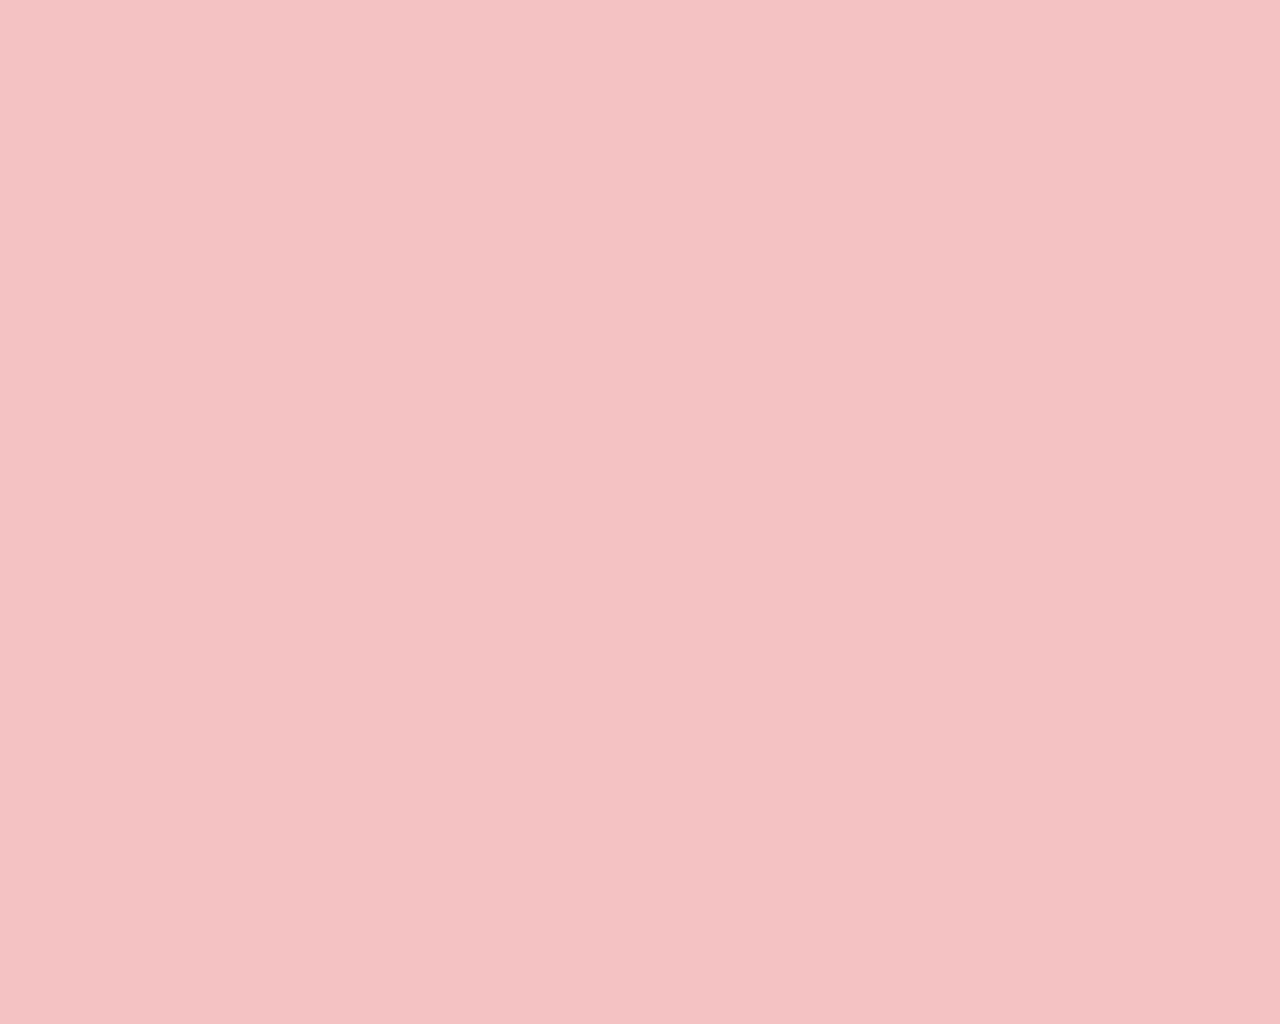 rose colour photos - photo #23